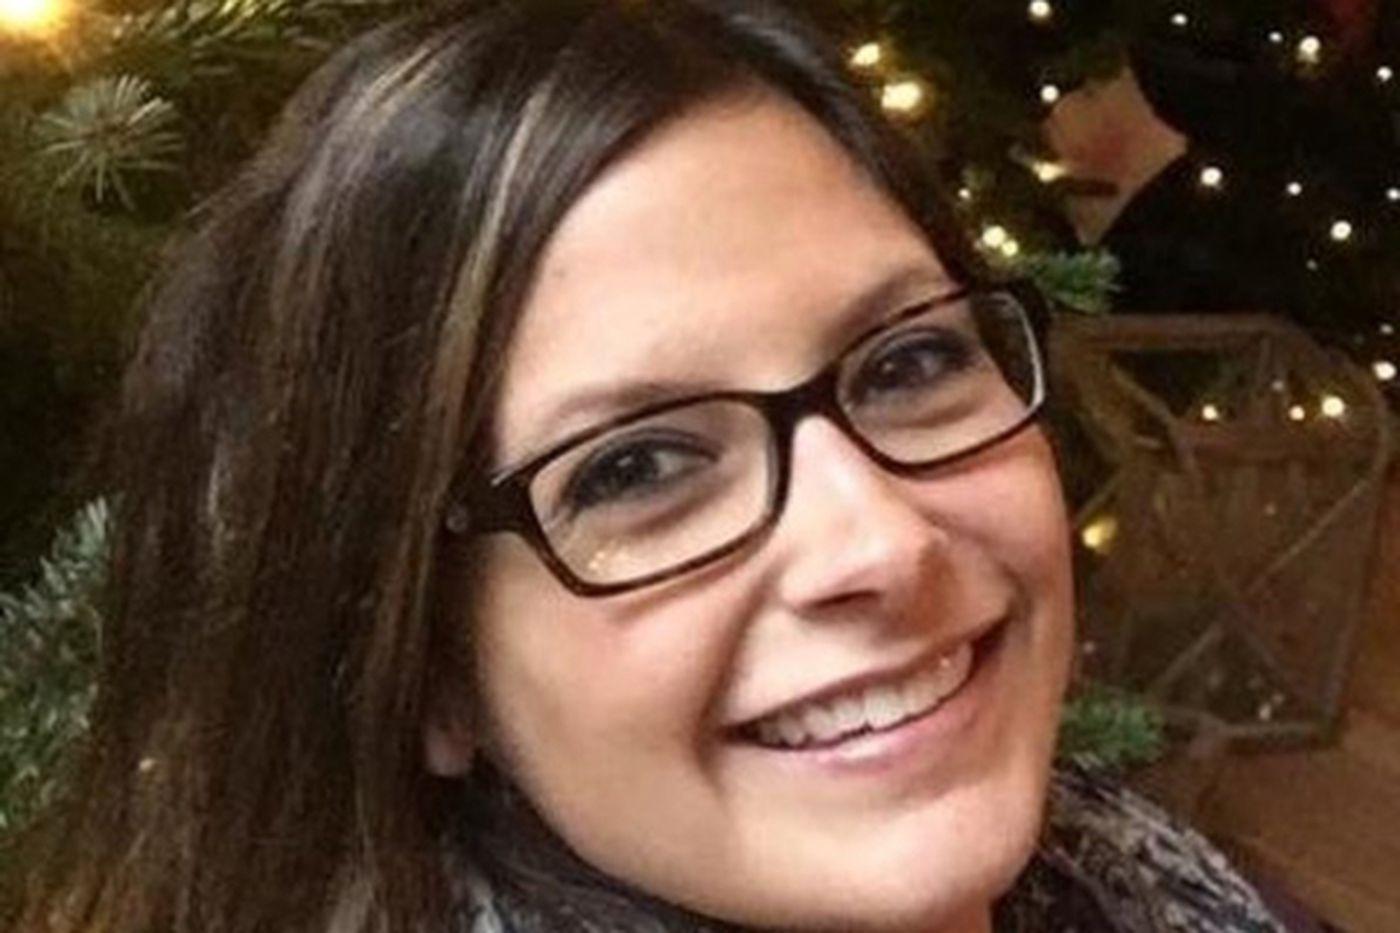 Mourning a beloved N.J. biology teacher: She loved the life she lived